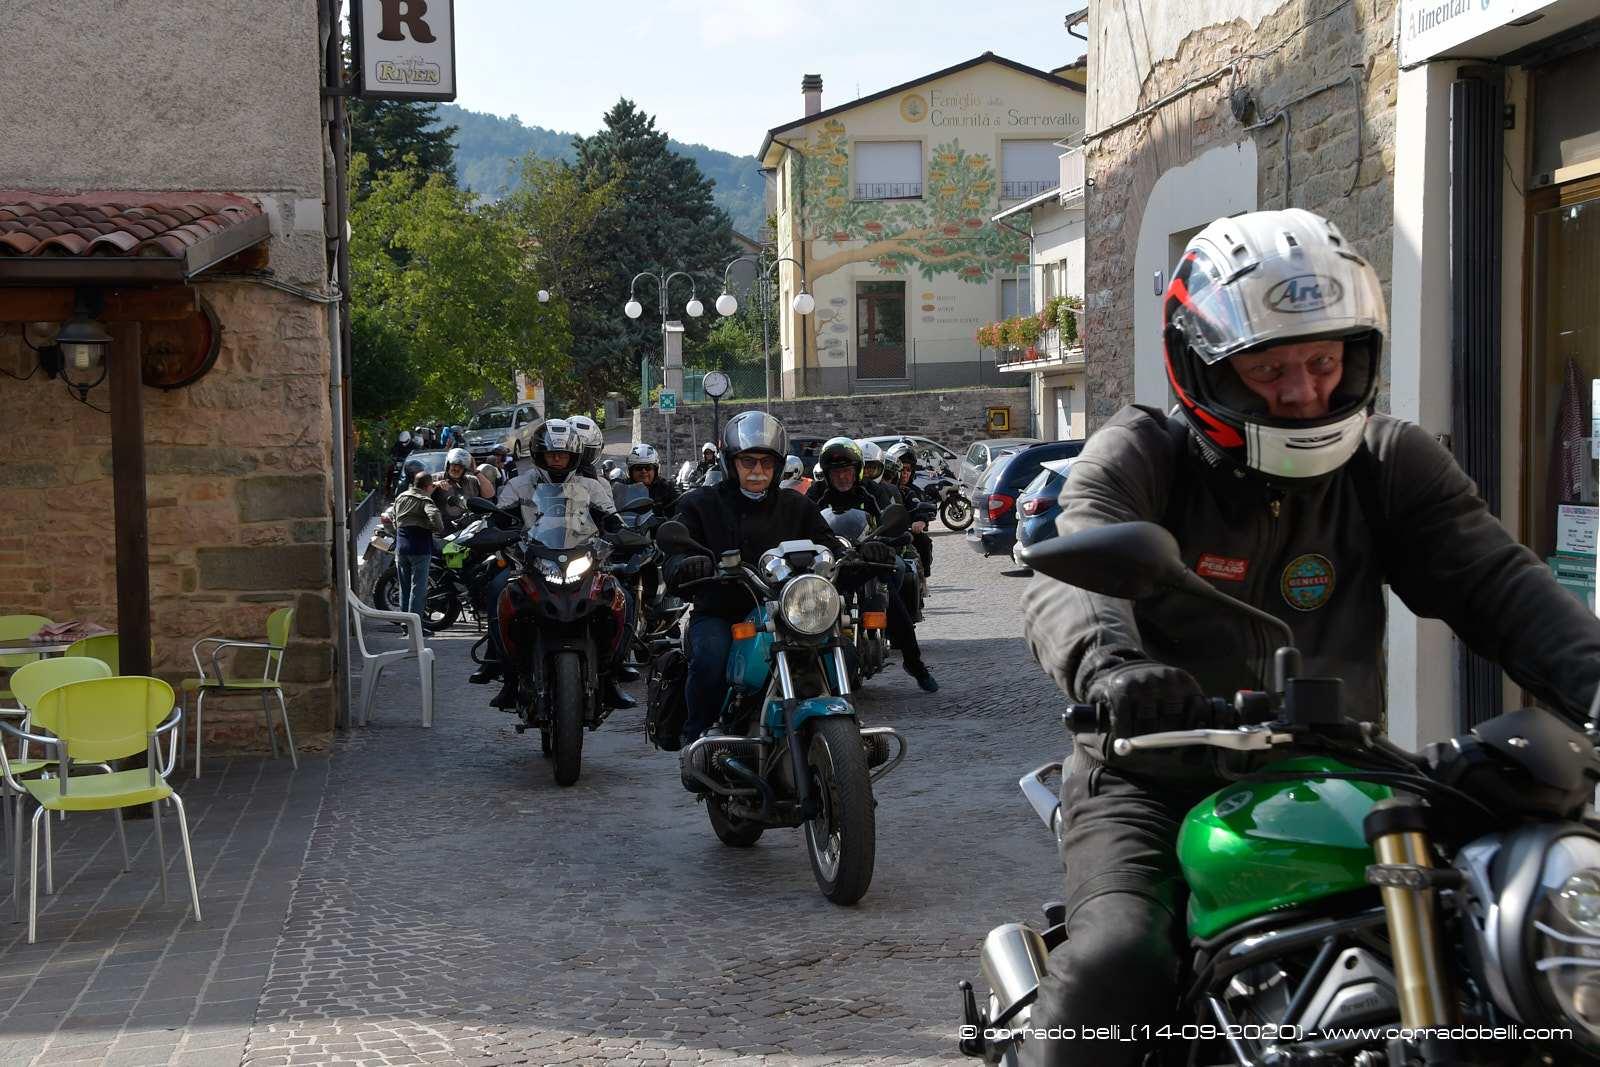 0204_-Benelli-Week-14-09-20